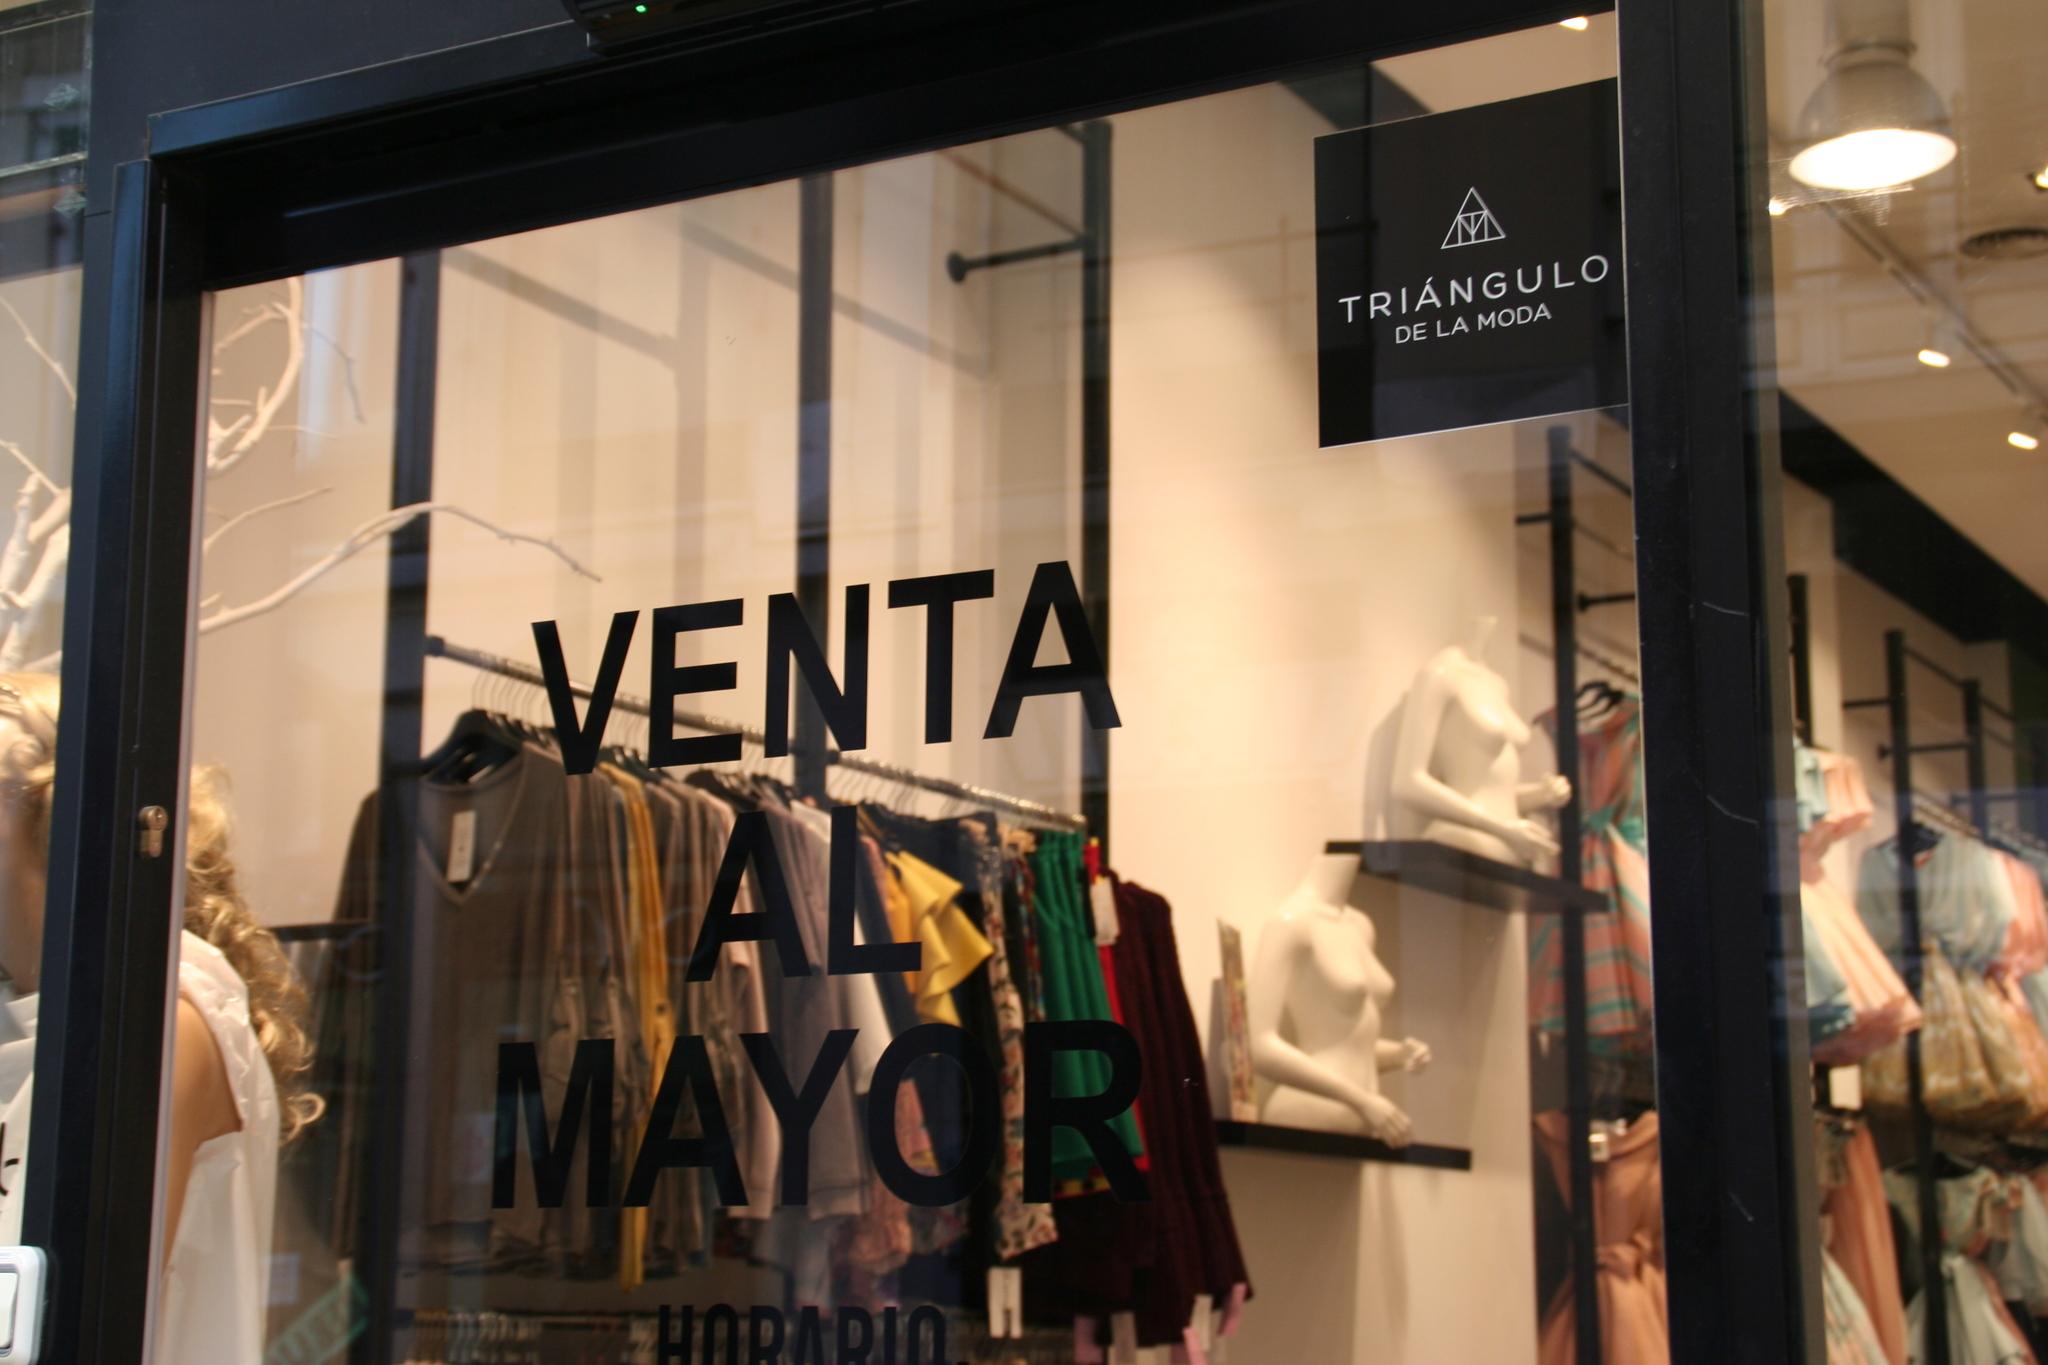 el Triángulo de la Moda, buscan expandir su negocio con nuevos...